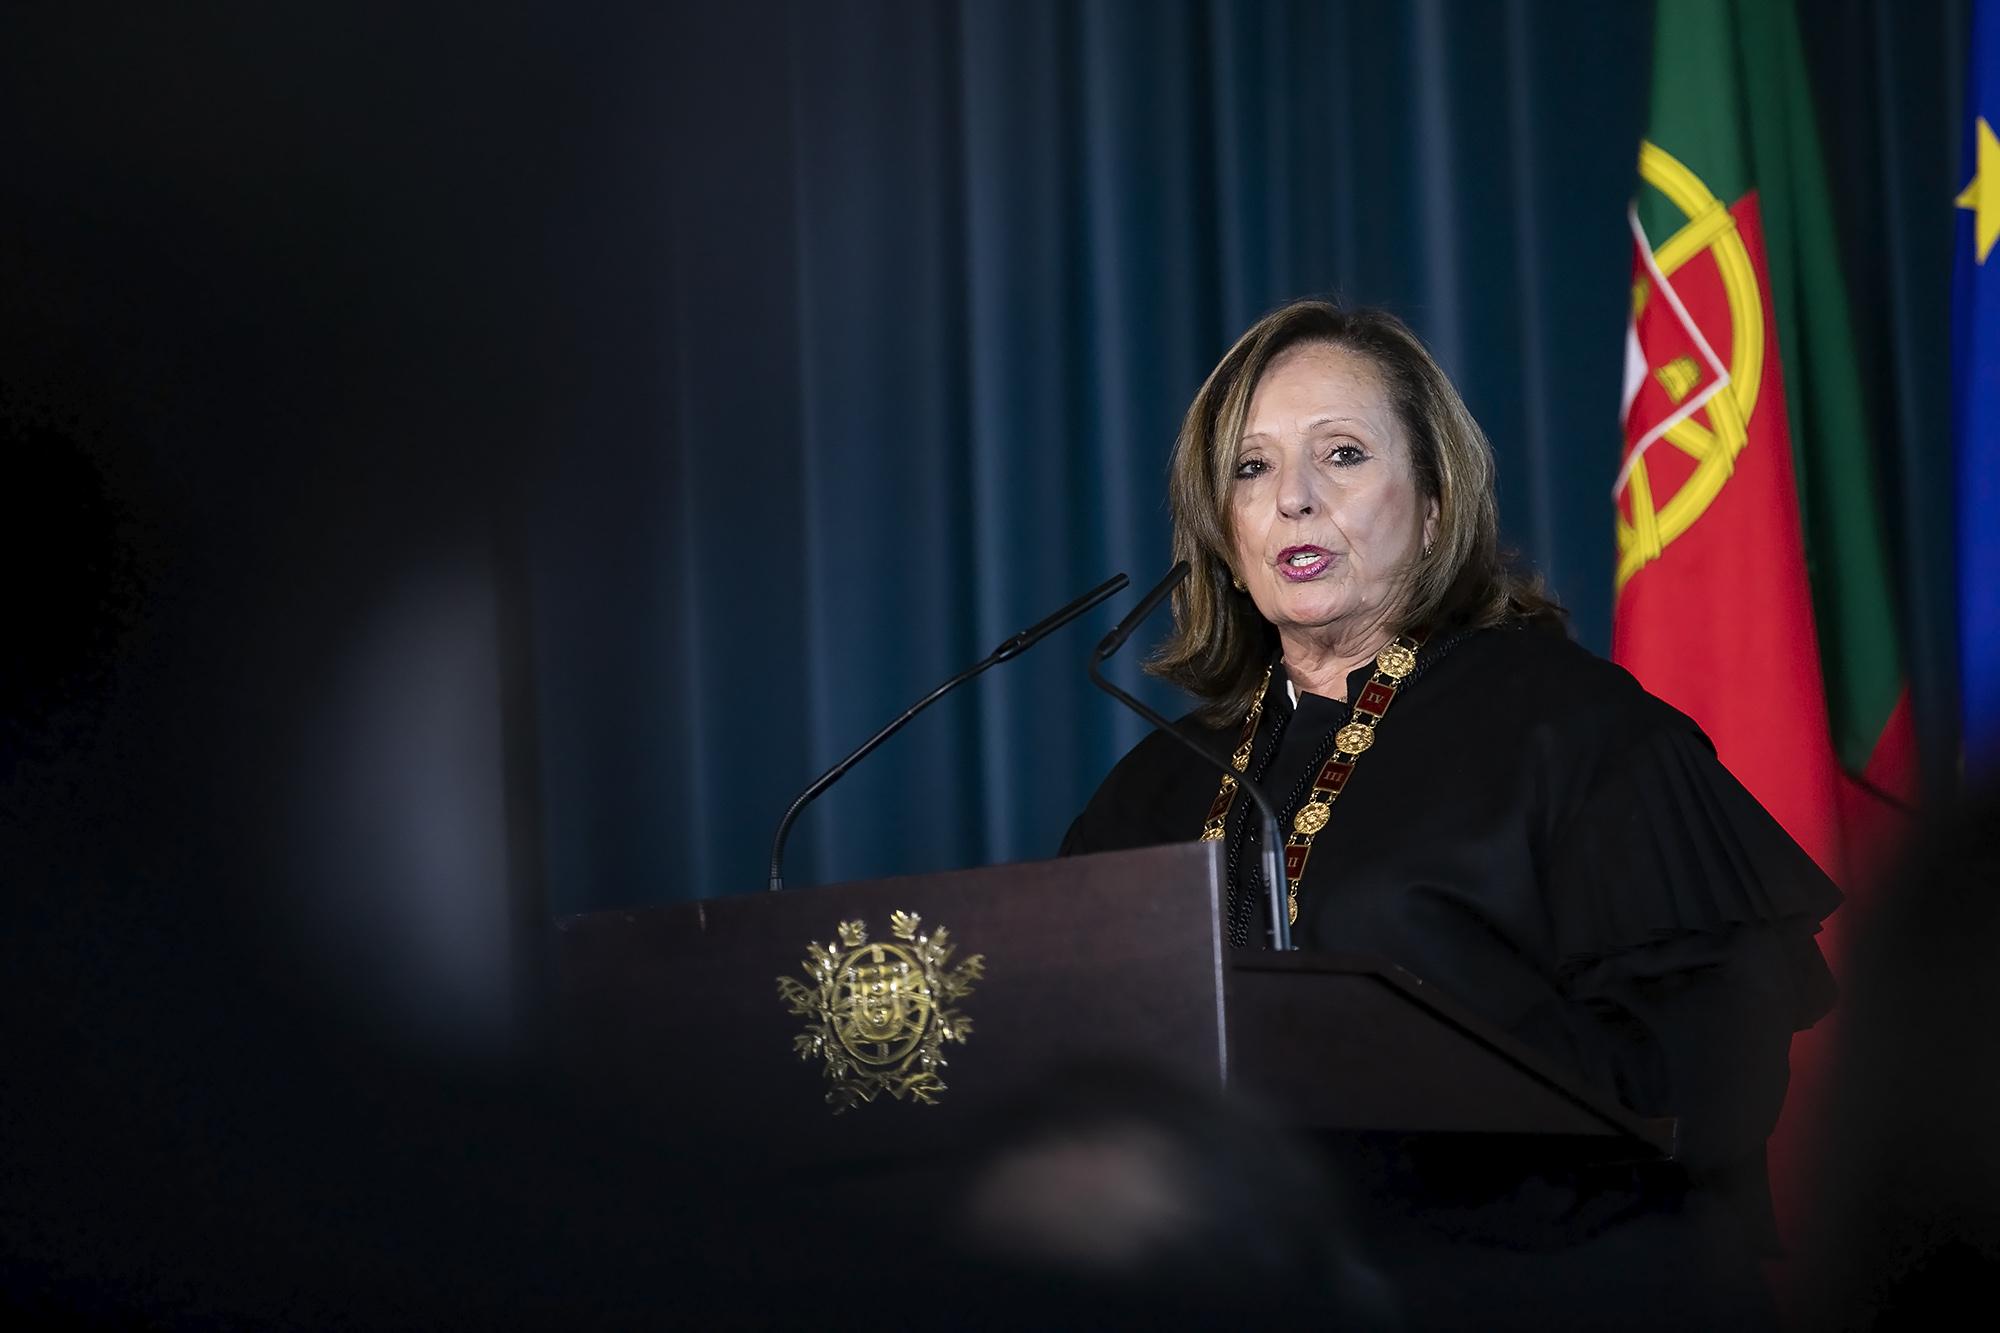 Cerimónia de abertura do ano judicial 2020 - 06JAN20